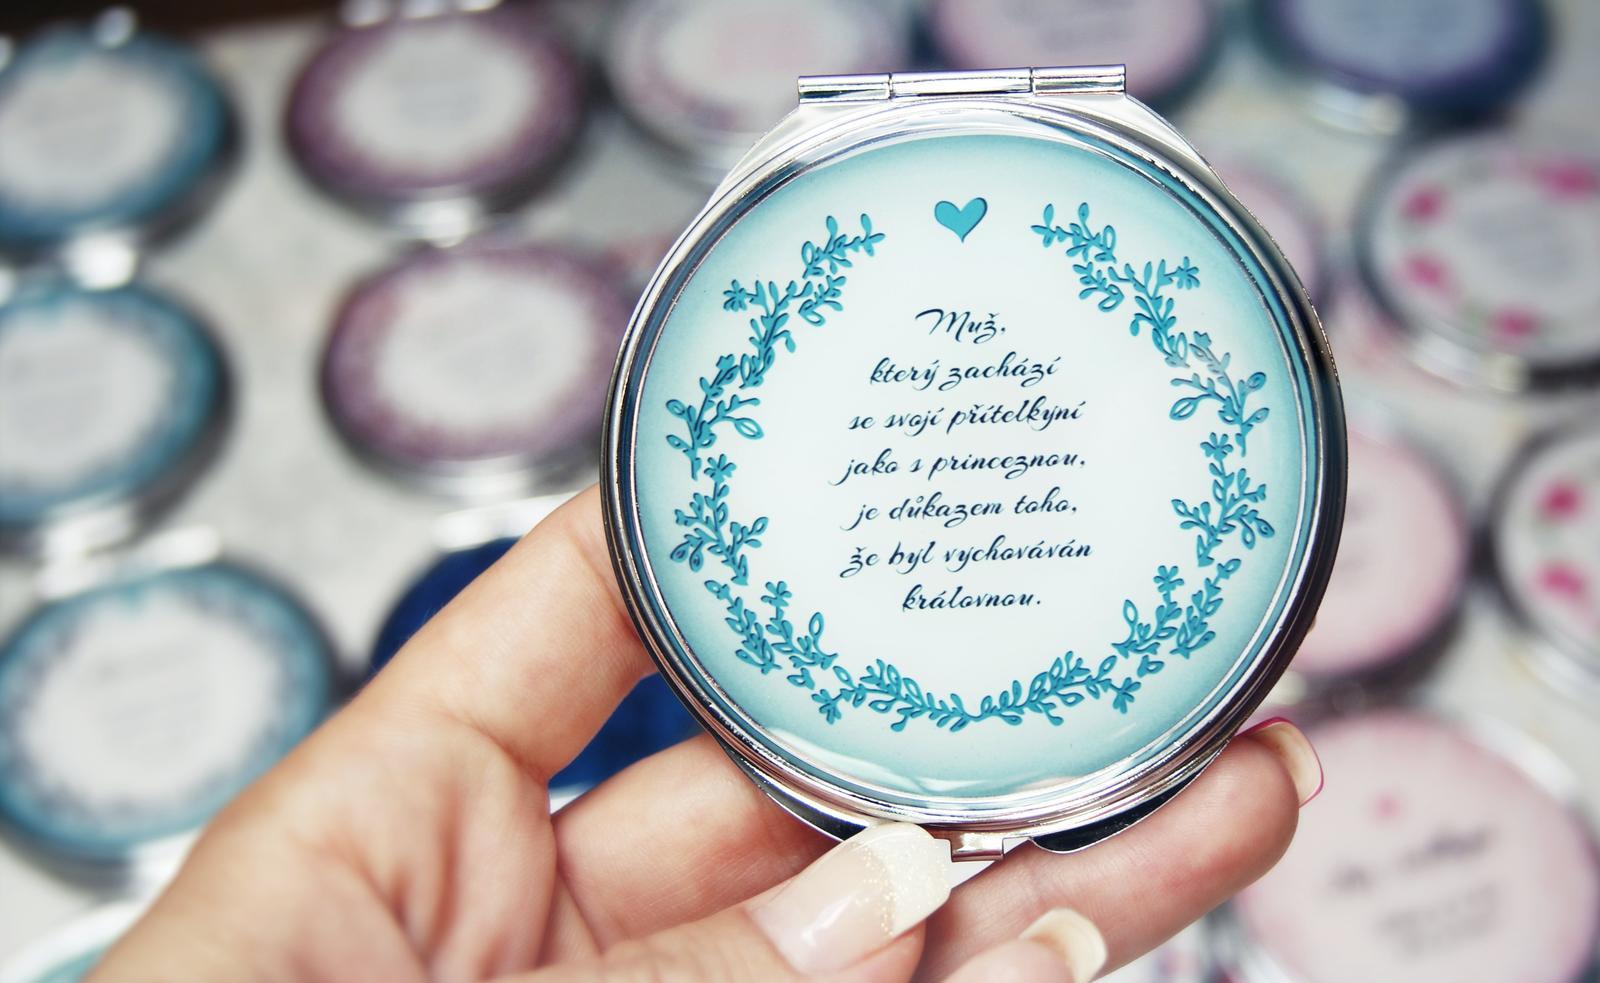 Svatby v druhé polovině roku 2016 - Obrázek č. 15